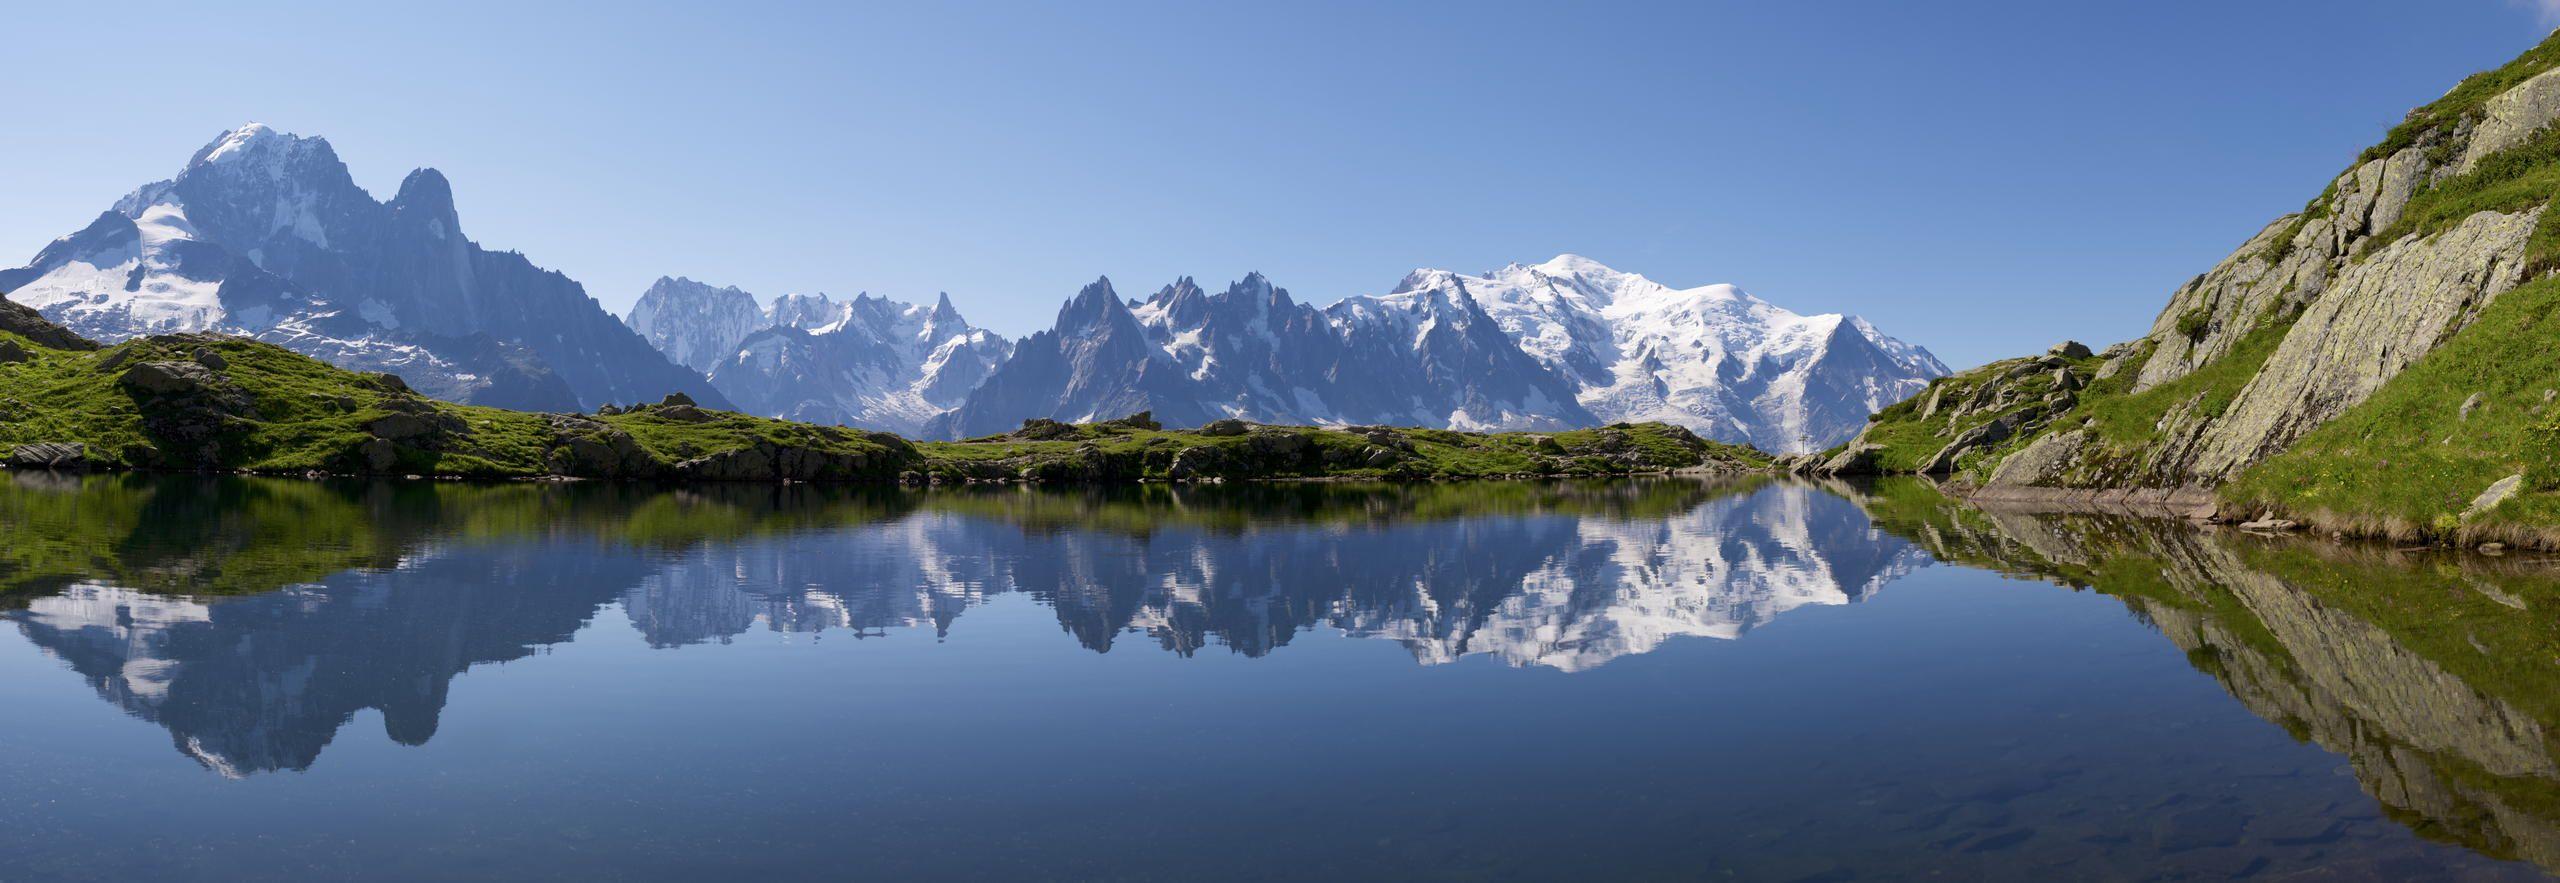 Οι Άλπεις είναι σύστημα οροσειρών στην Ευρώπη και εκτείνονται από την Αυστρία και την Σλοβενία στα ανατολικά, μέσω της Ιταλίας, της Ελβετίας, του Λίχτενσταϊν και της Γερμανίας έως την Γαλλία στα δυτικά. Η λέξη Άλπεις σημαίνει βουνά. Η ψηλότερη κορυφή των Άλπεων είναι το Μον Μπλαν (Mont Blanc).